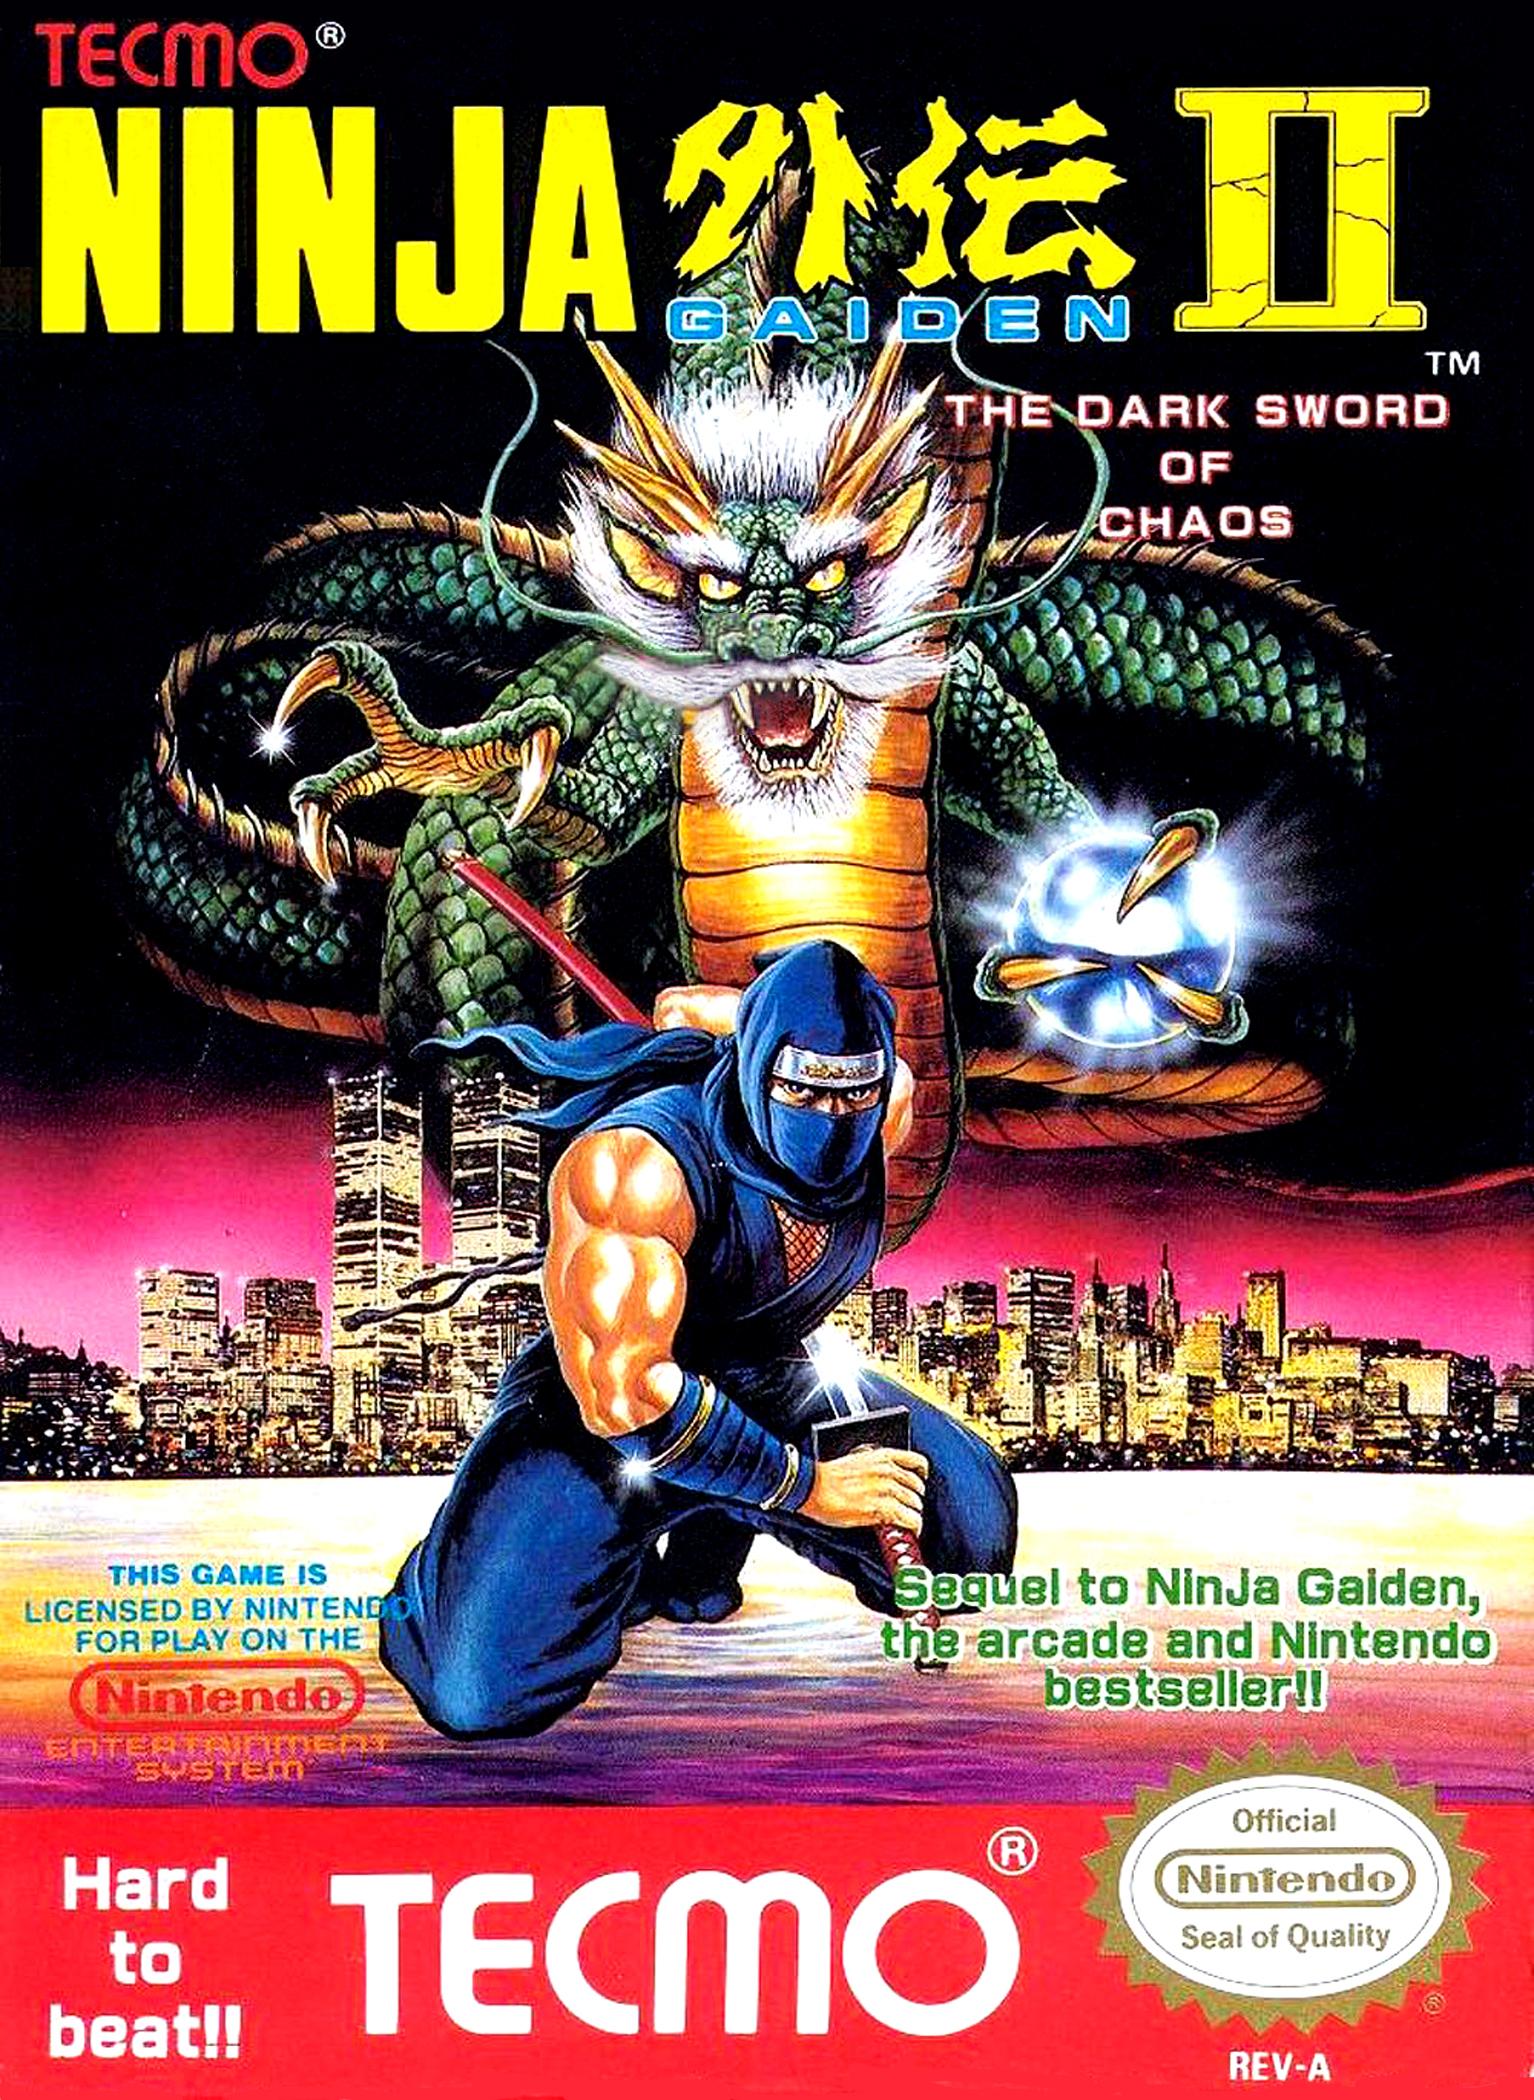 Ninja Gaiden II The Dark Sword of Chaos/NES